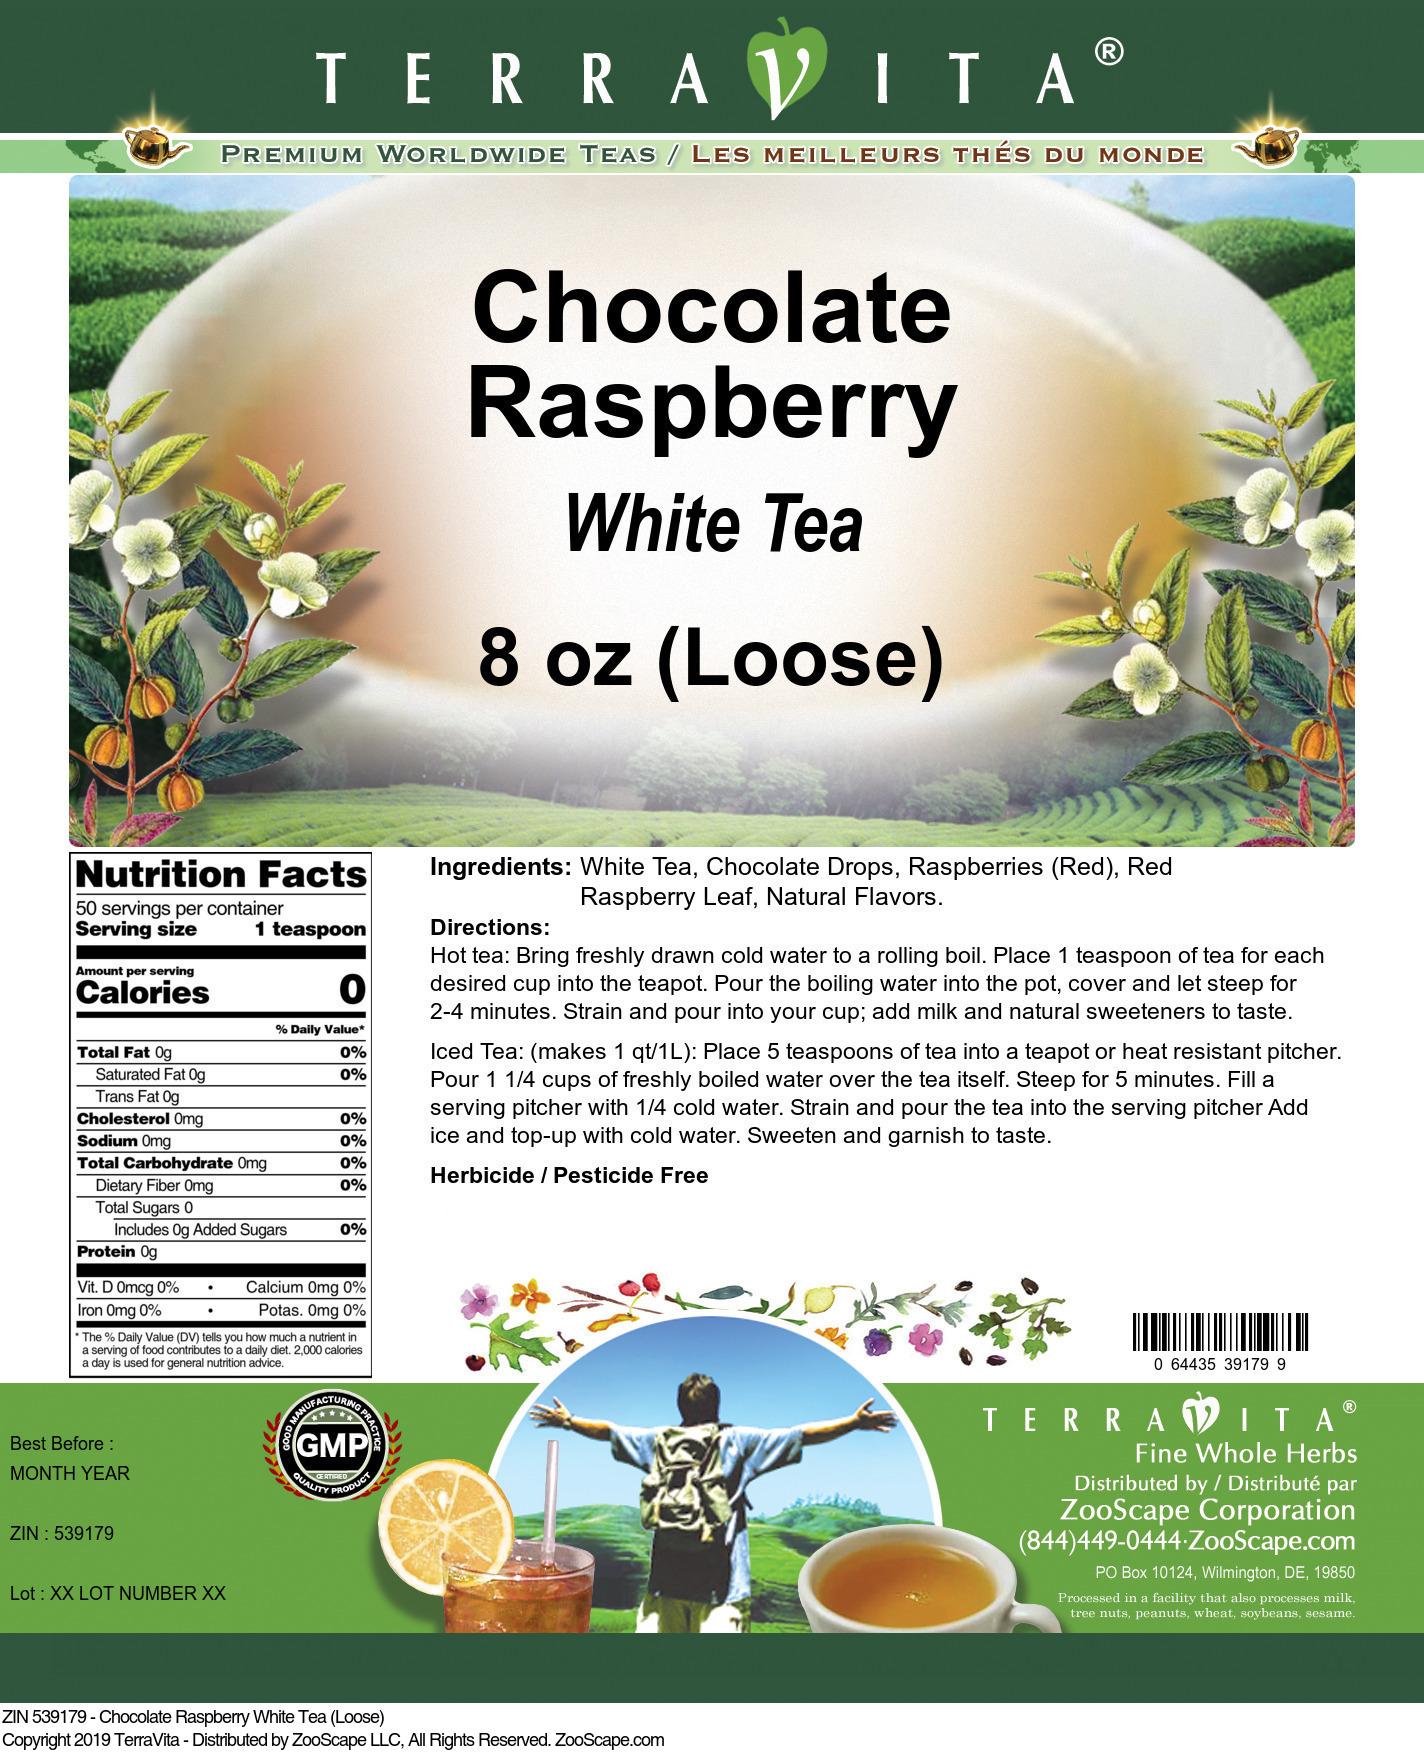 Chocolate Raspberry White Tea (Loose)